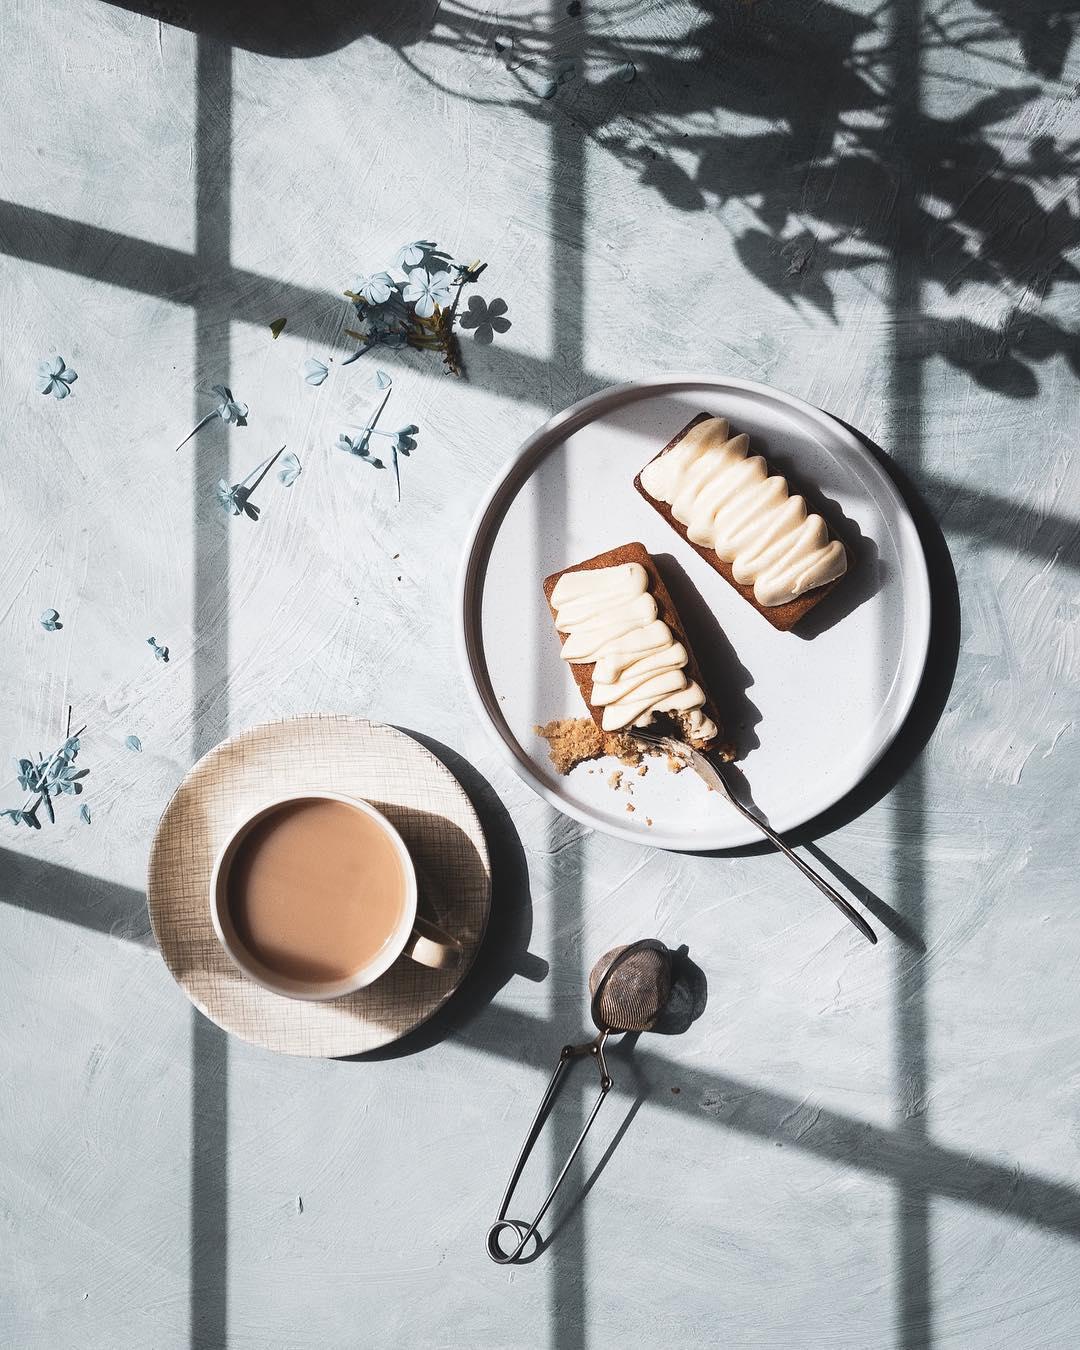 assados e pétalas espalhadas sob a sombra de uma janela de treliça